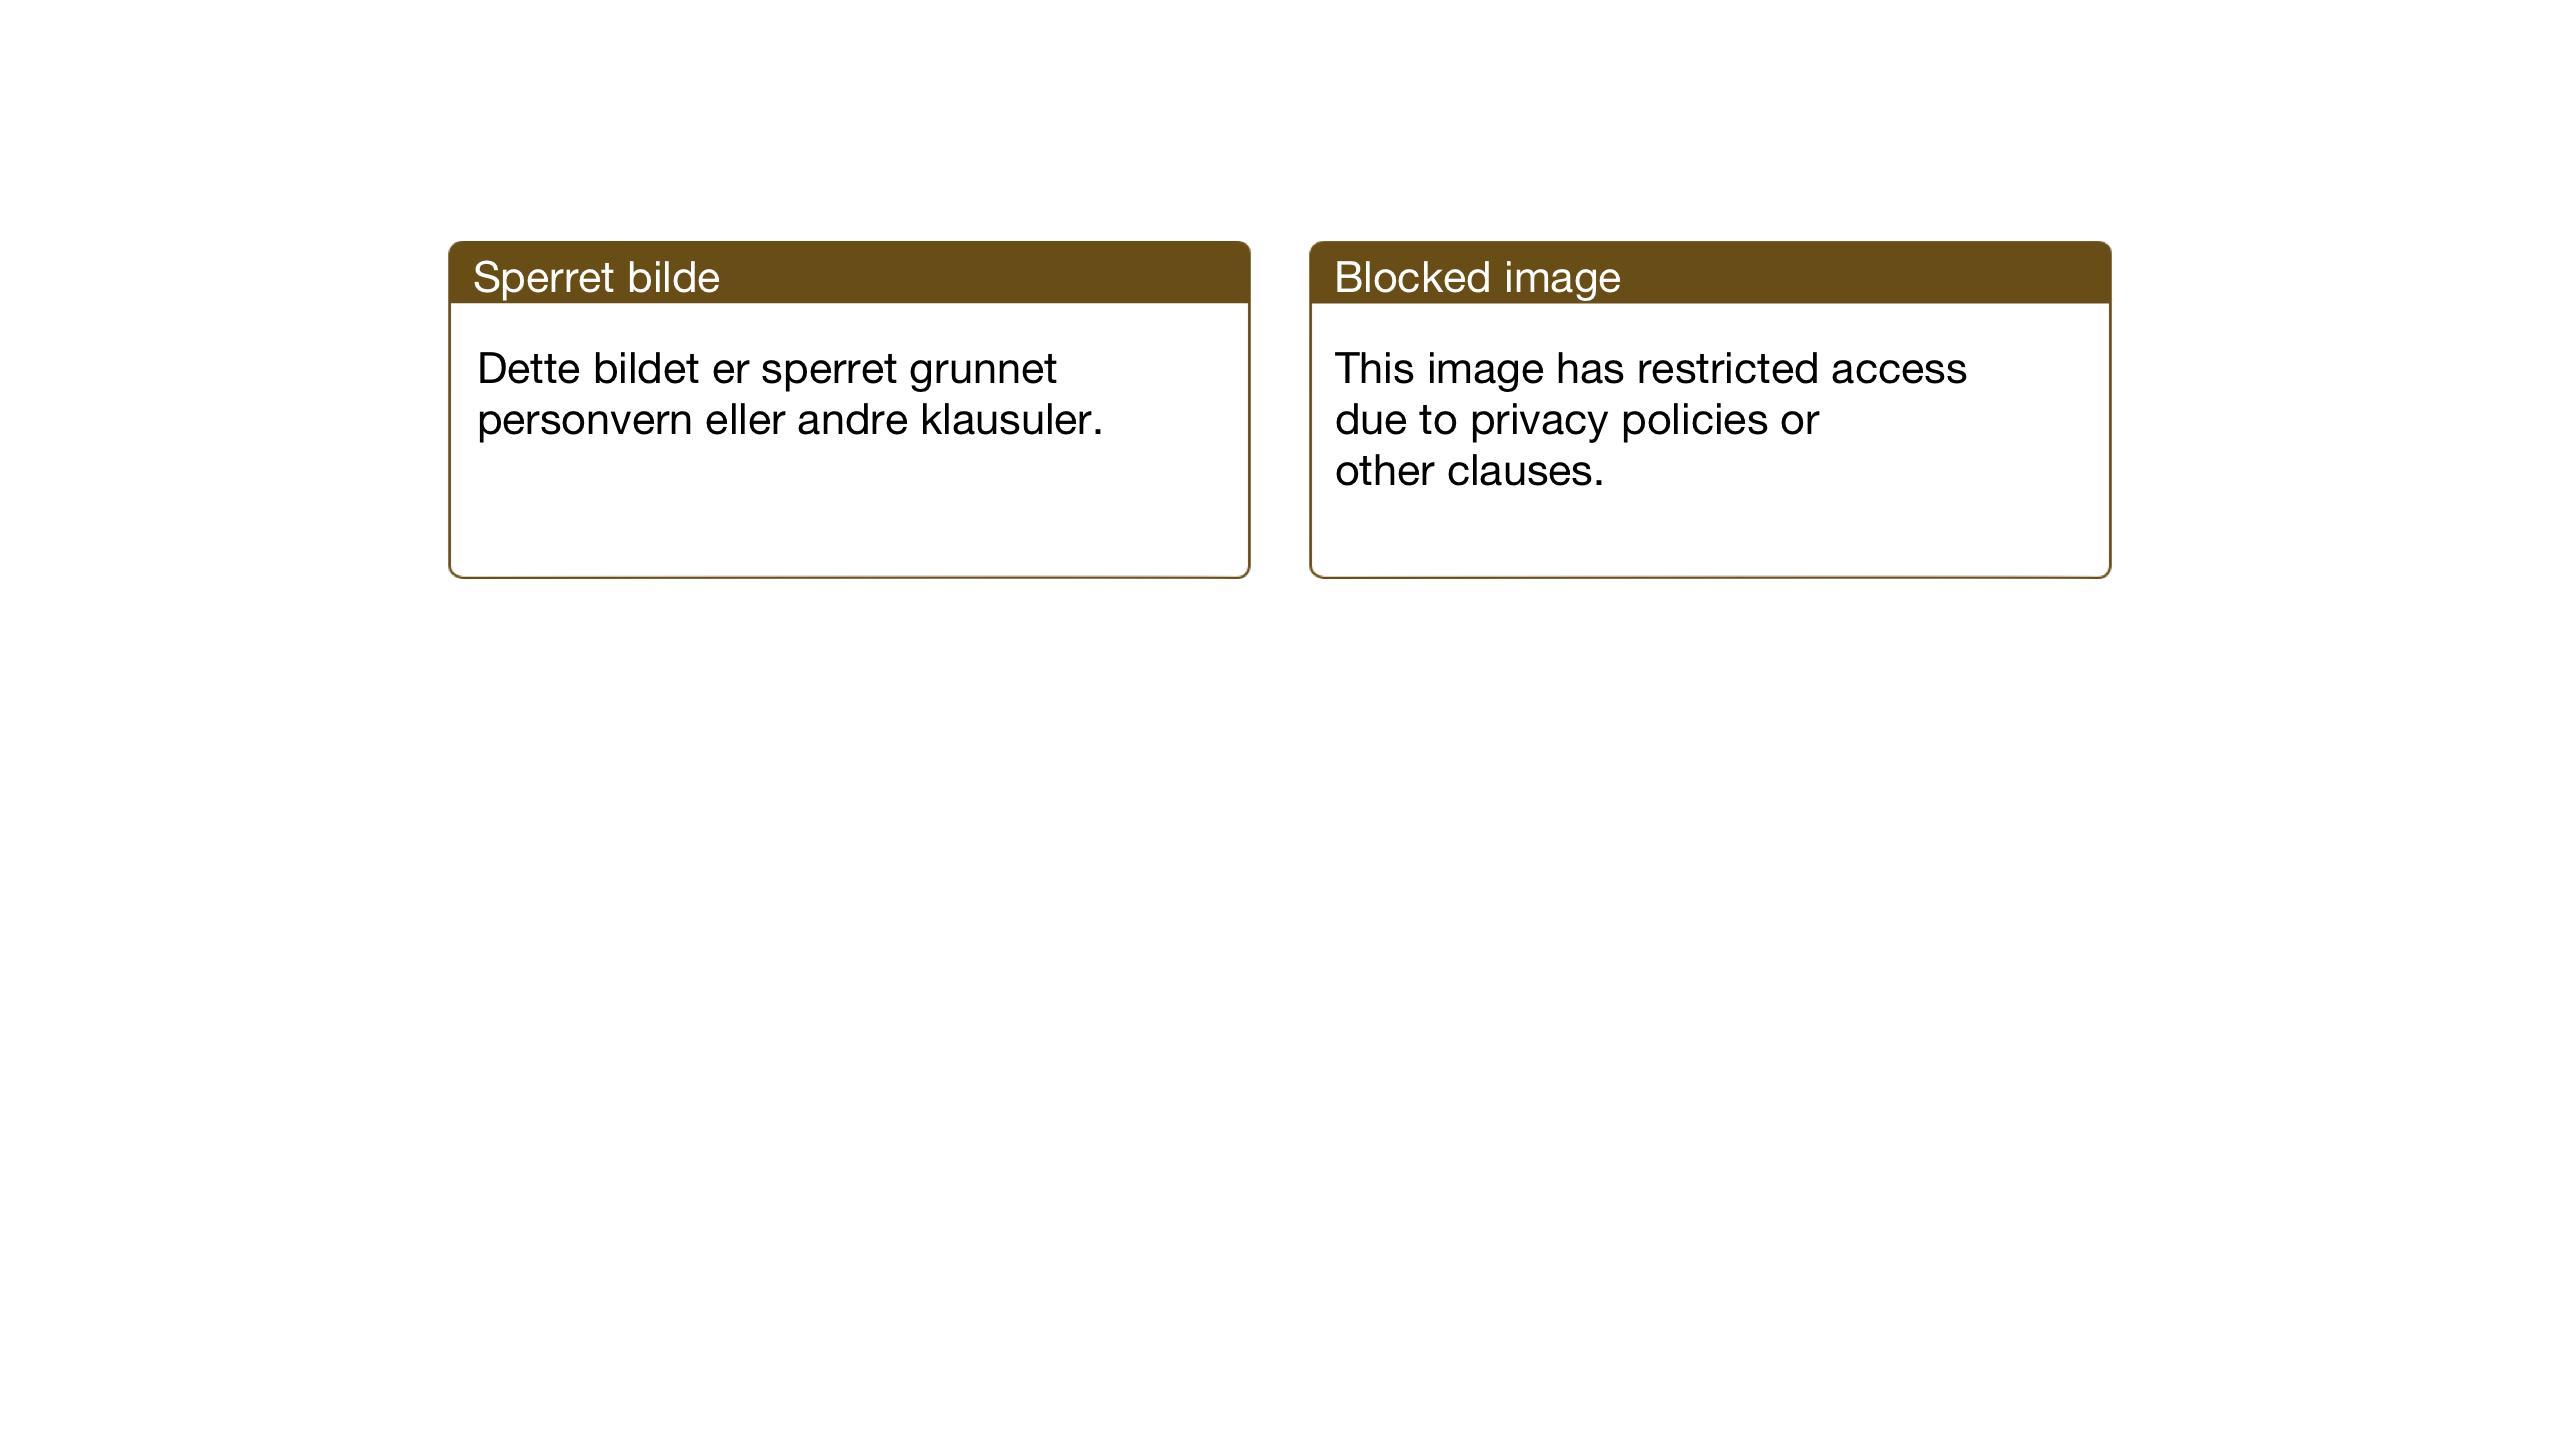 SAT, Ministerialprotokoller, klokkerbøker og fødselsregistre - Sør-Trøndelag, 603/L0174: Klokkerbok nr. 603C02, 1923-1951, s. 74